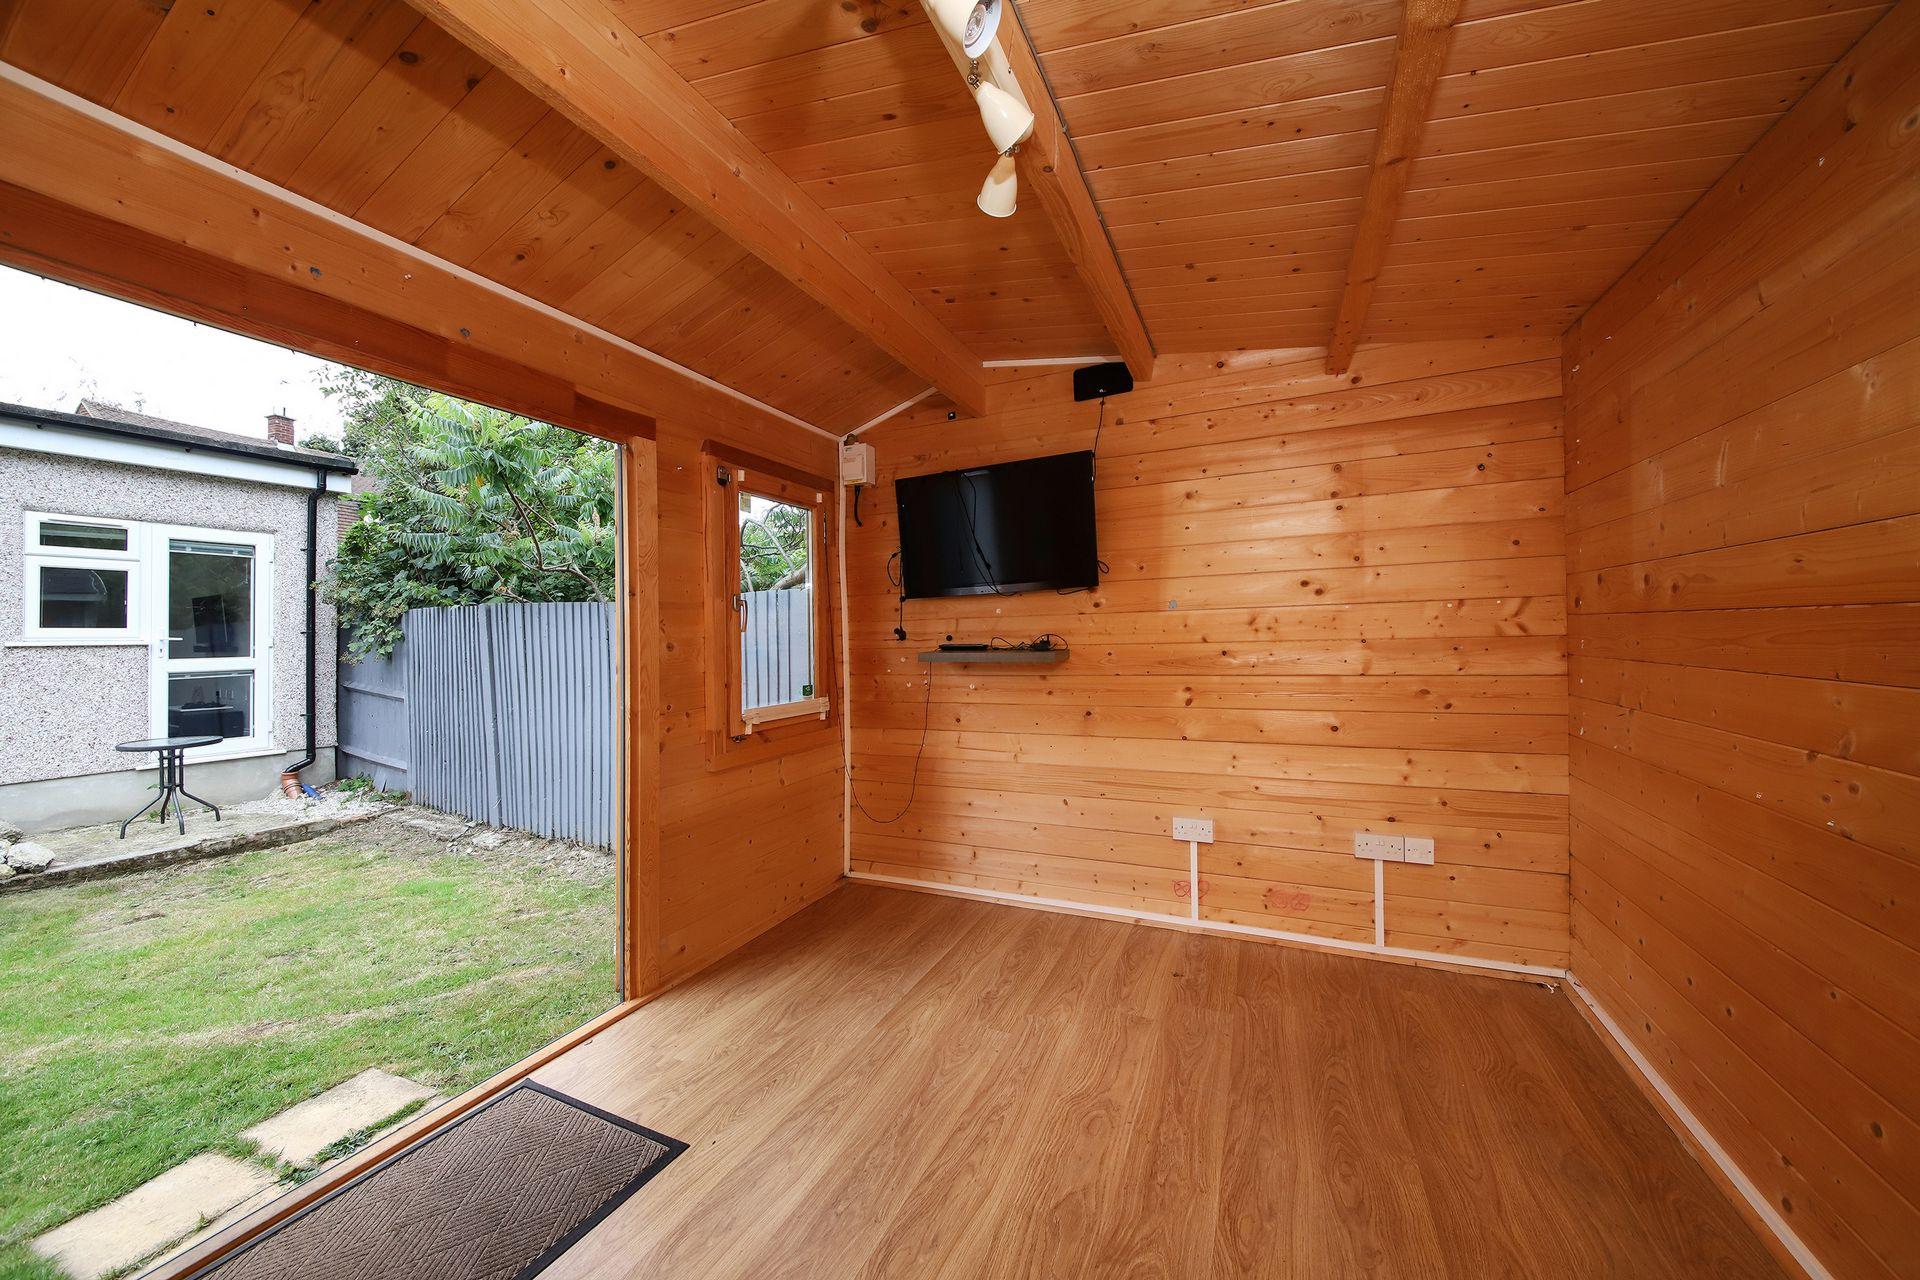 Office/Cabin